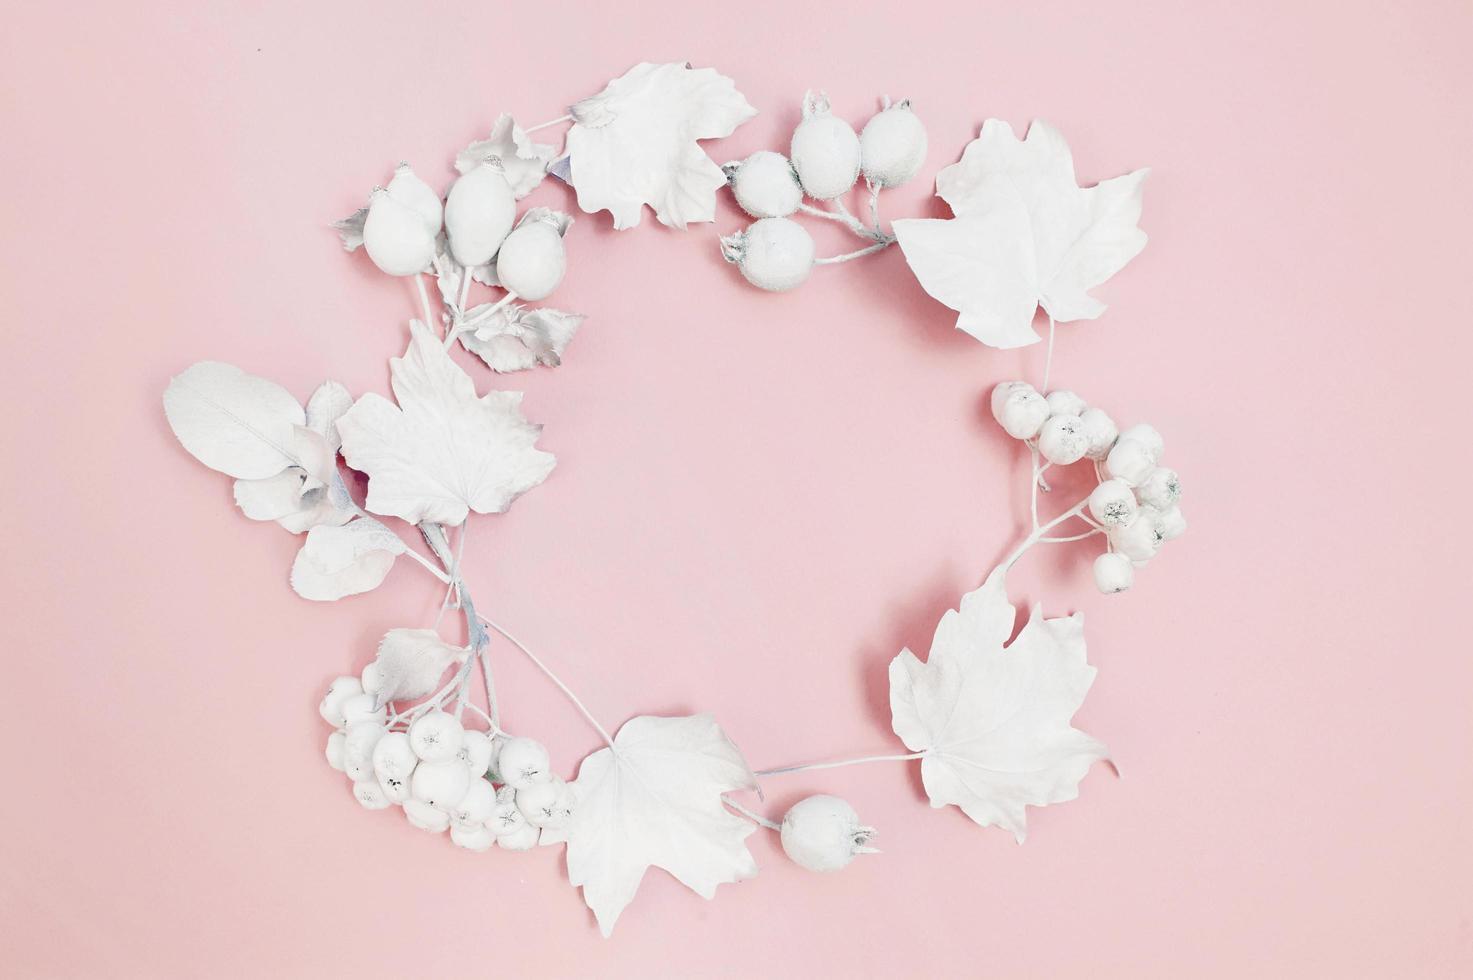 Kreis der weißen Beeren und der weißen Blätter auf rosa Hintergrund foto